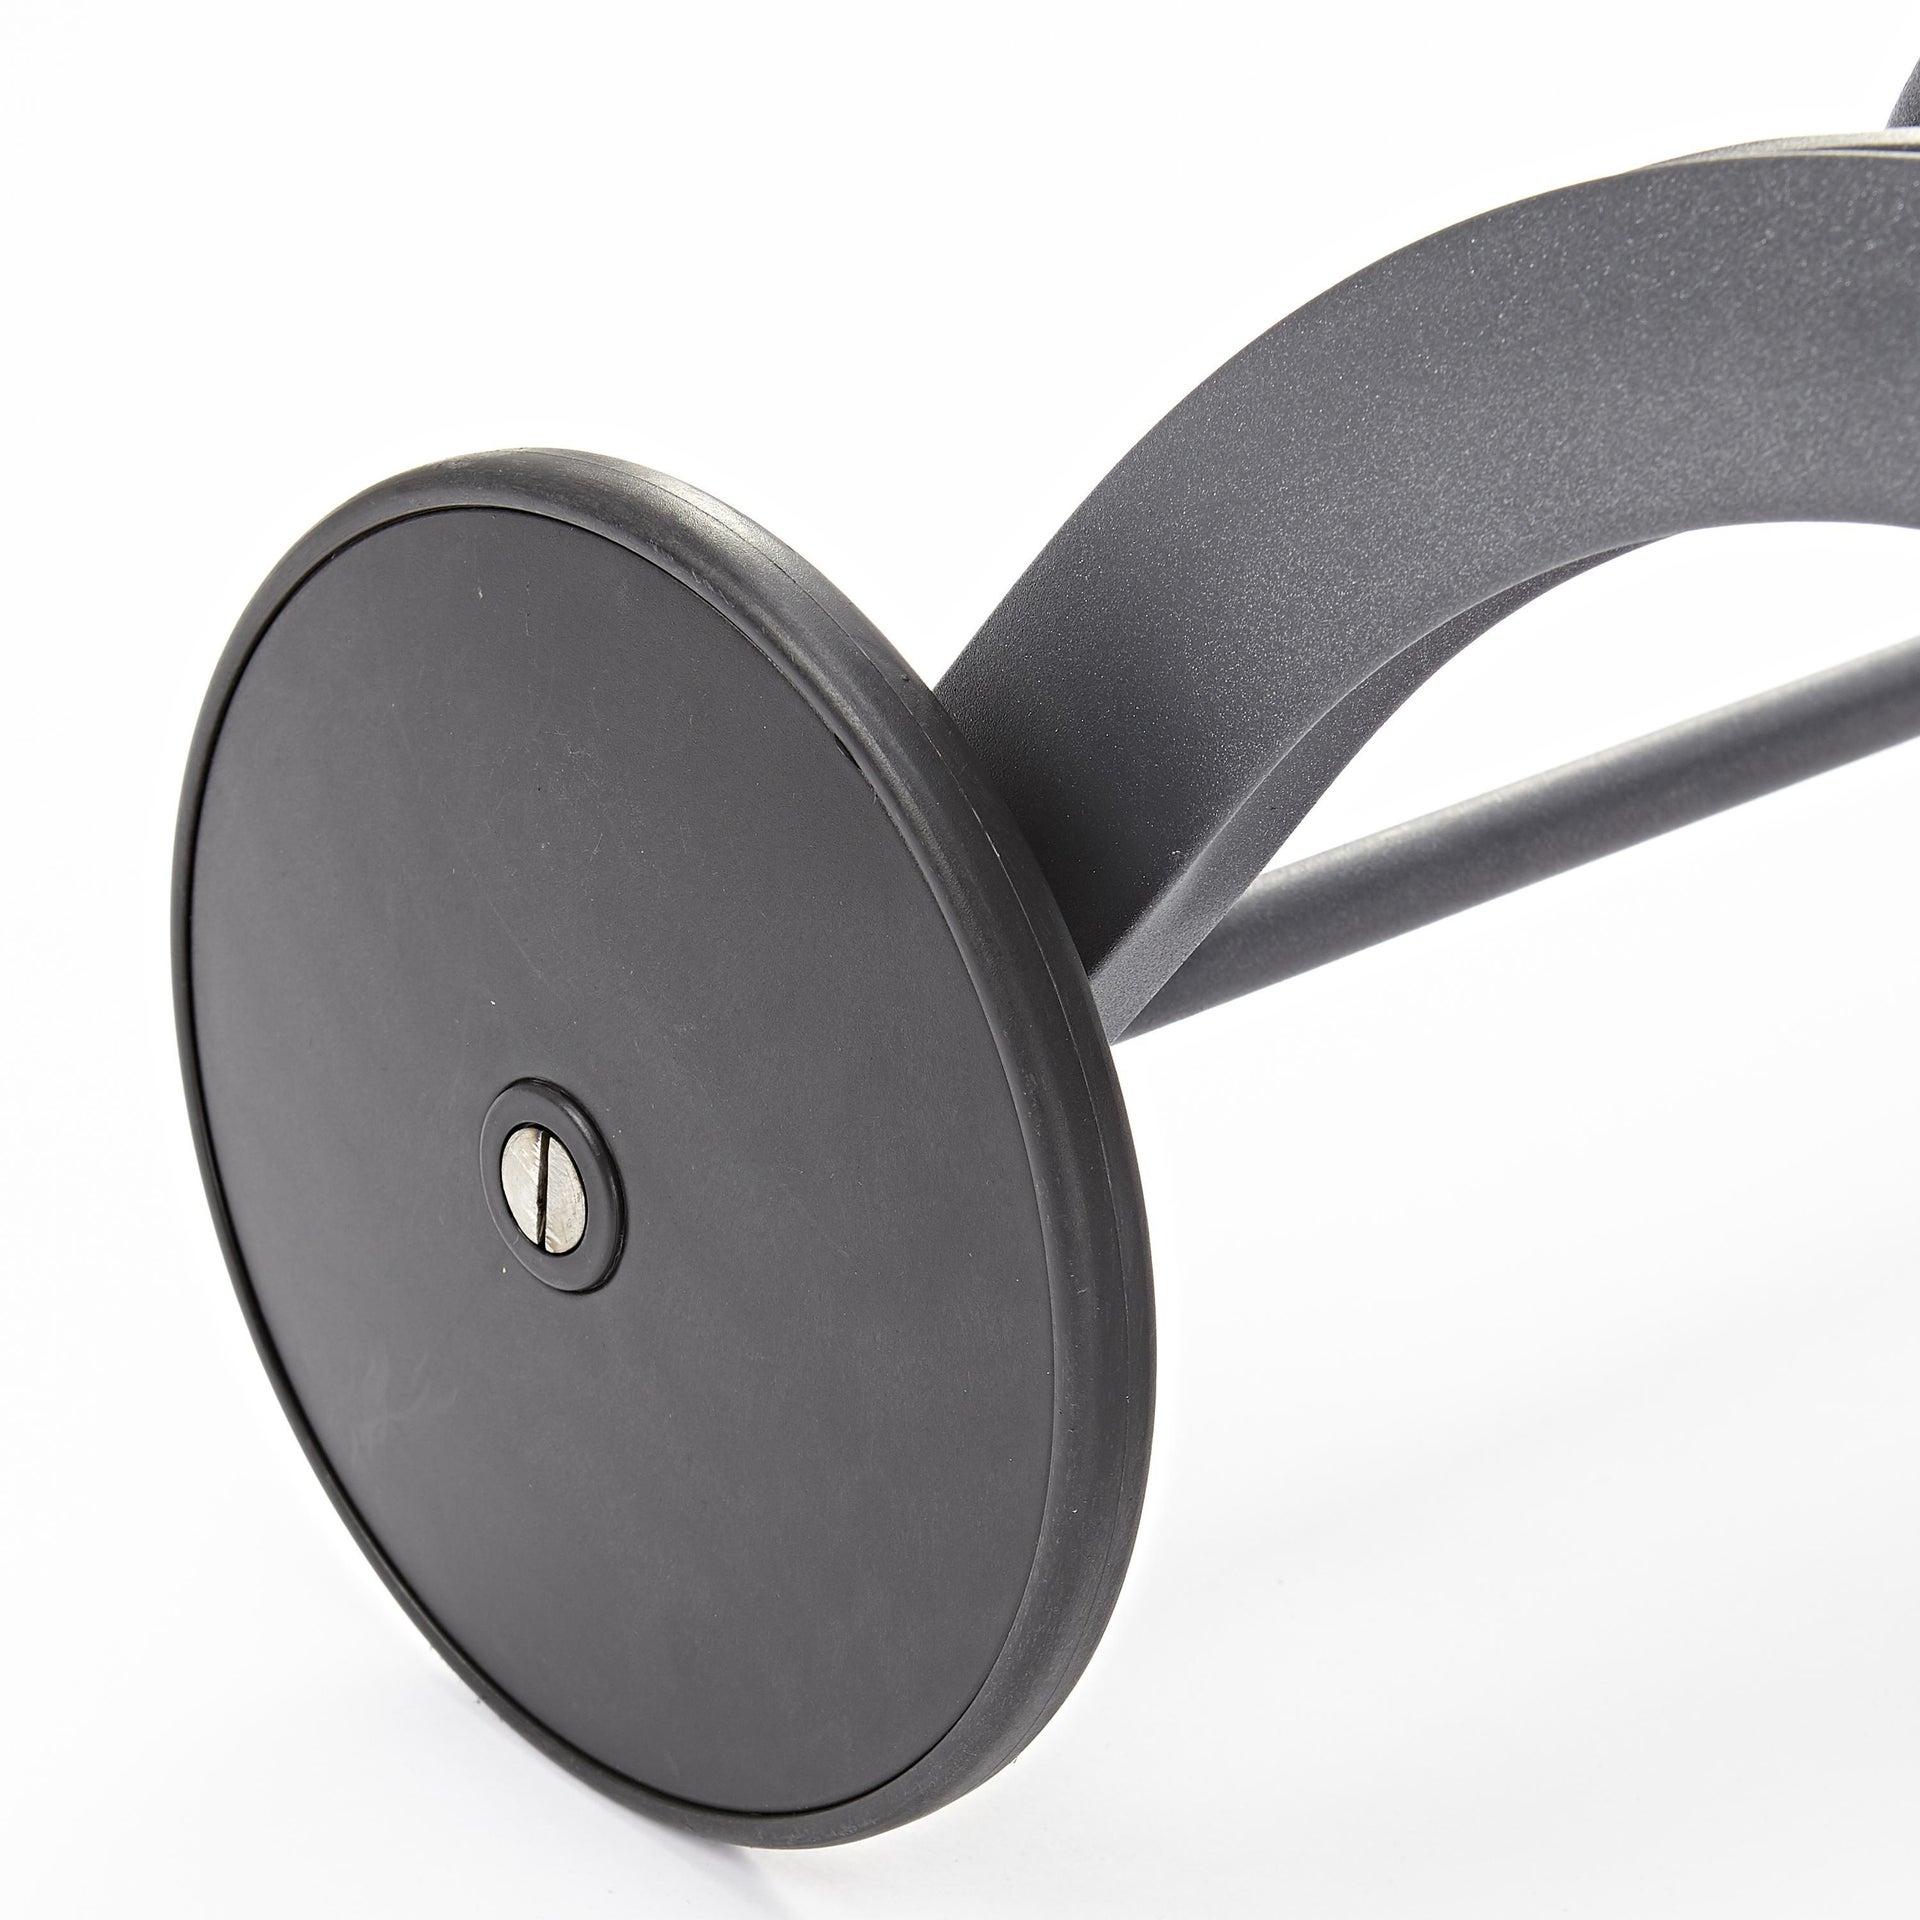 Lettino senza cuscino impilabile NATERIAL Lyra in alluminio grigio scuro - 14